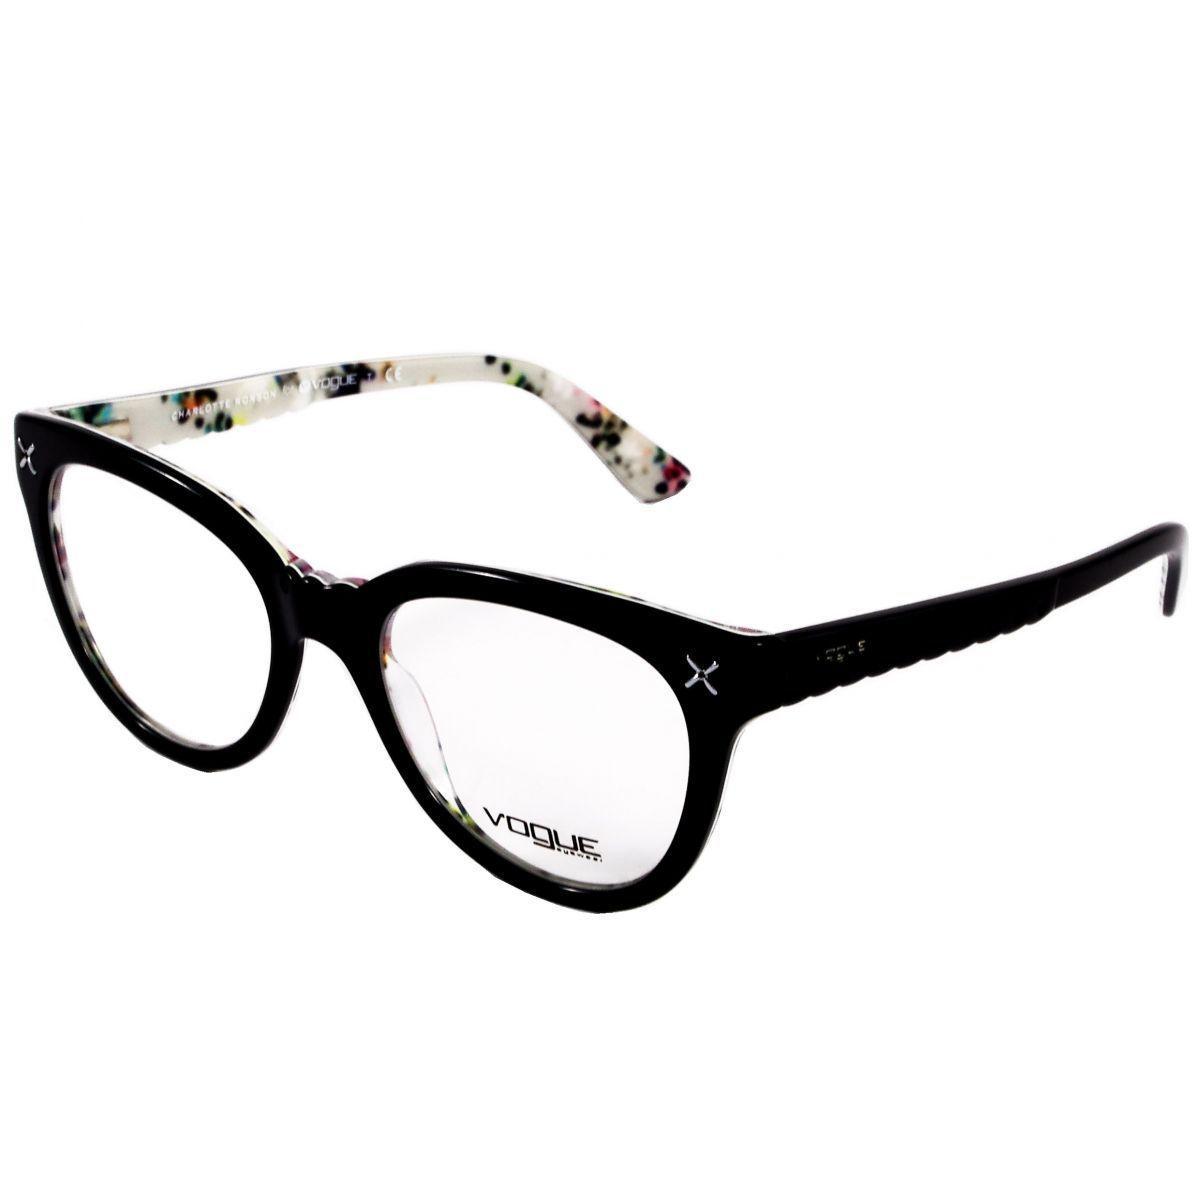 f54c244f3530b Óculos De Grau Feminino Vogue VO2887 2210 Tam.51 - Vogue original - Óptica  - Magazine Luiza